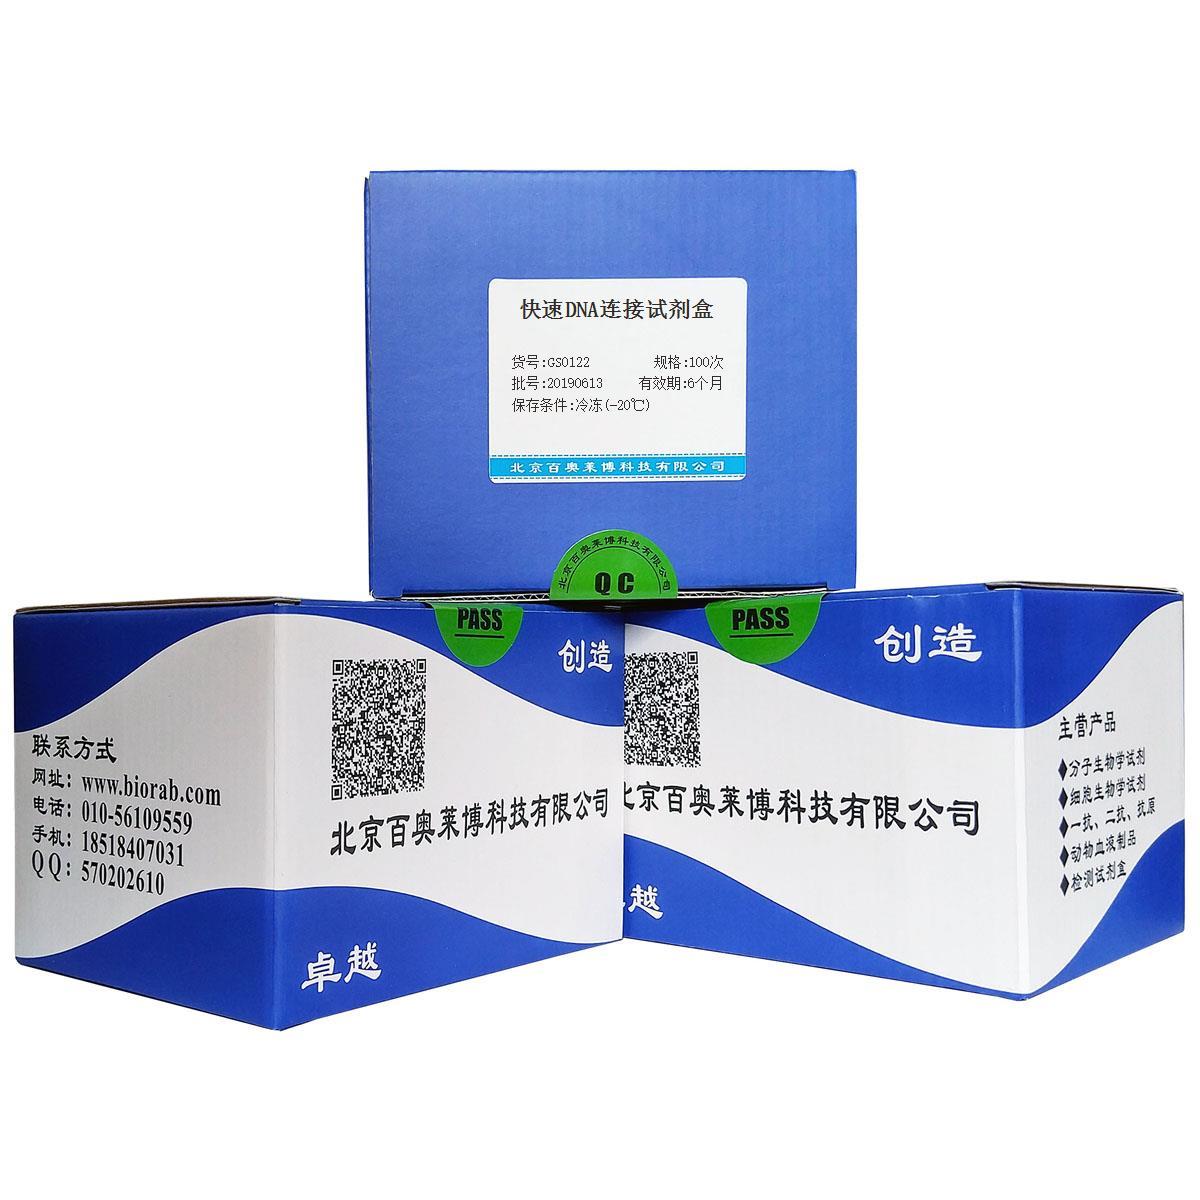 快速DNA连接试剂盒北京供应商